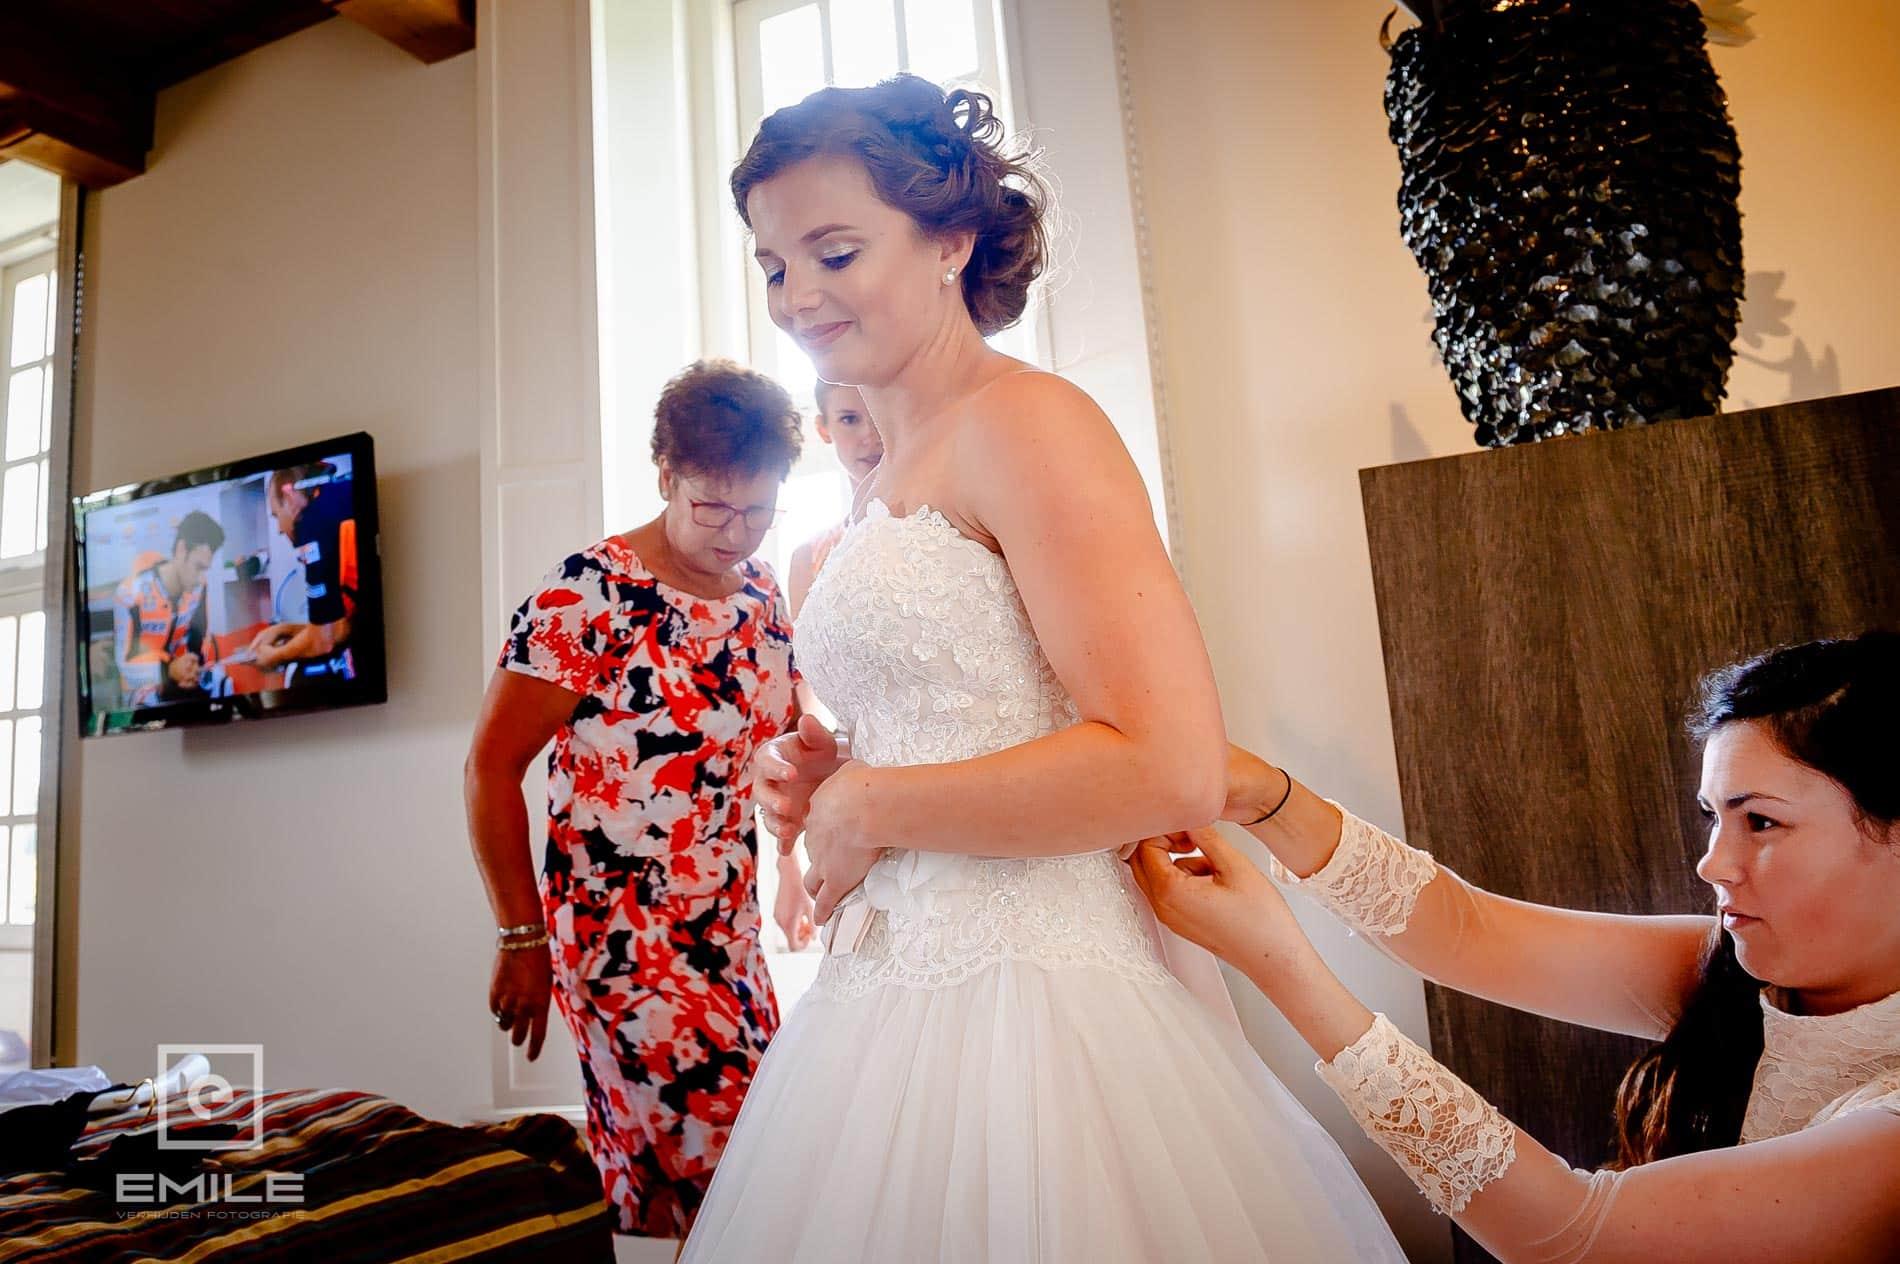 De jurk wordt aangetrokken. Bruidsfotograaf Limburg - Kasteel Daelenbroeck - Herkenbosch